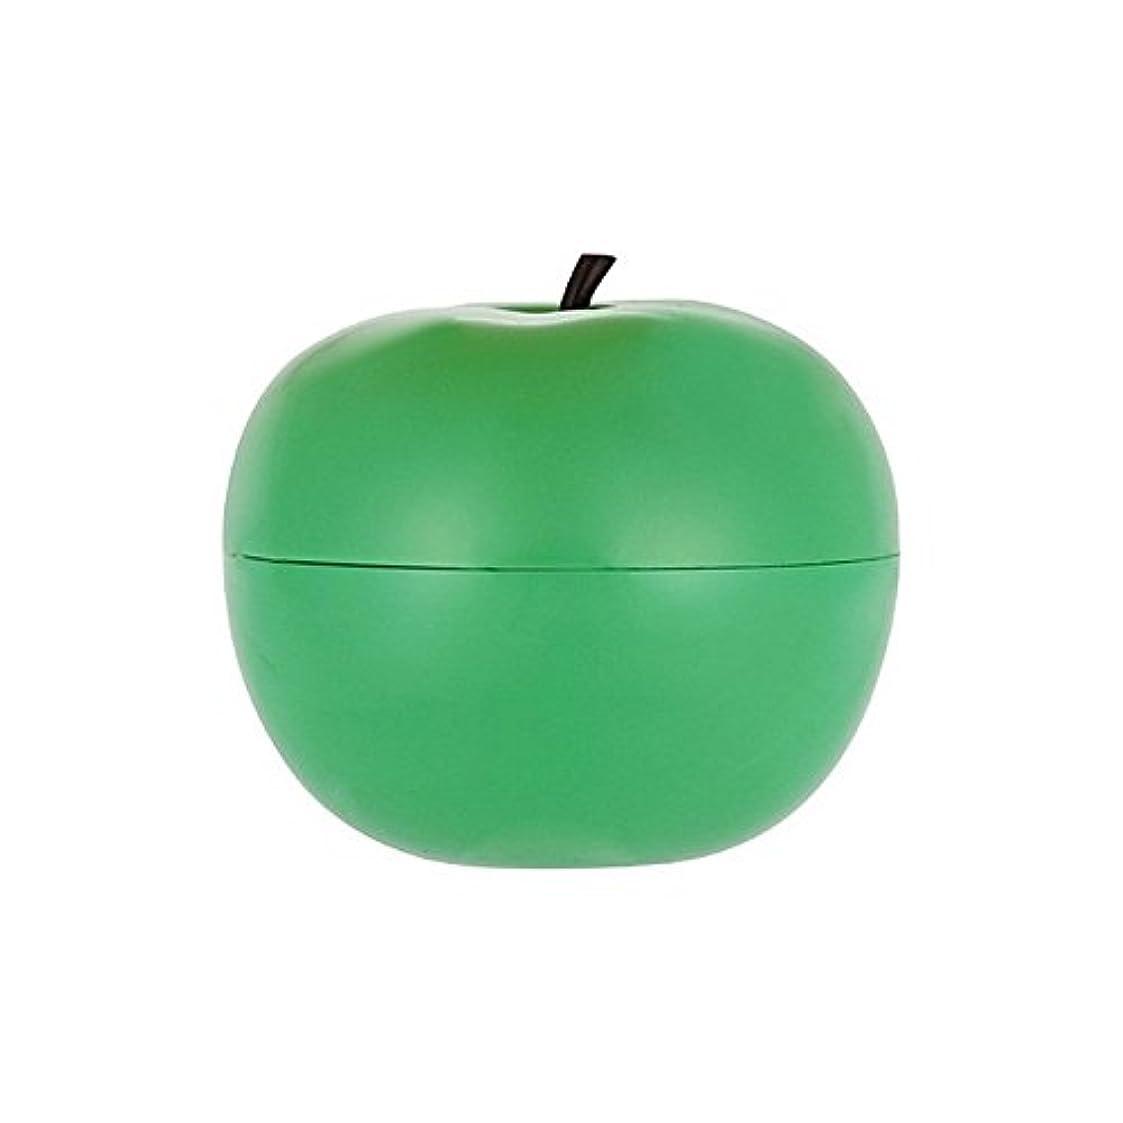 例示する設計依存するトニーモリースムーズマッサージピーリングクリーム80グラム x4 - Tony Moly Appletox Smooth Massage Peeling Cream 80G (Pack of 4) [並行輸入品]